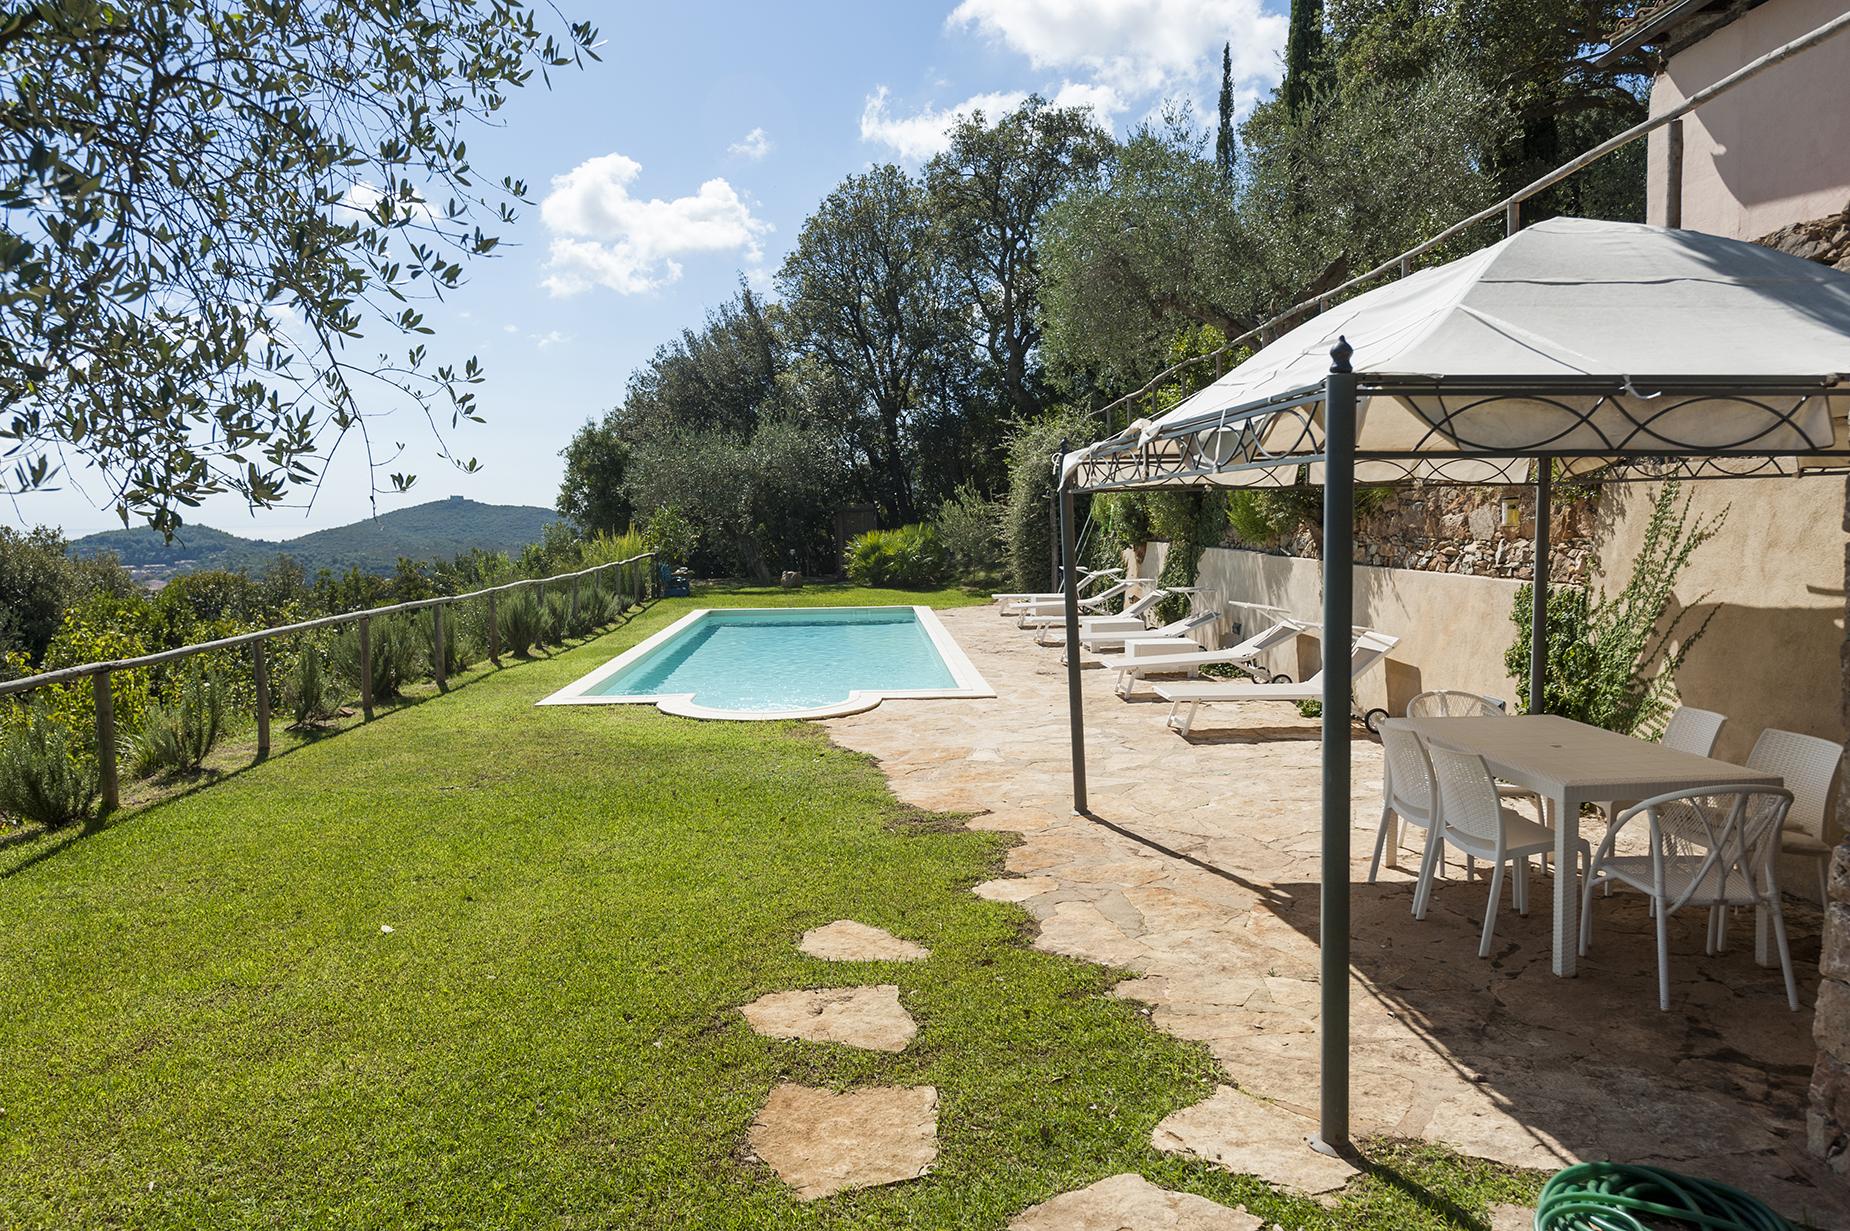 Villa in Vendita a Monte Argentario: 5 locali, 400 mq - Foto 3